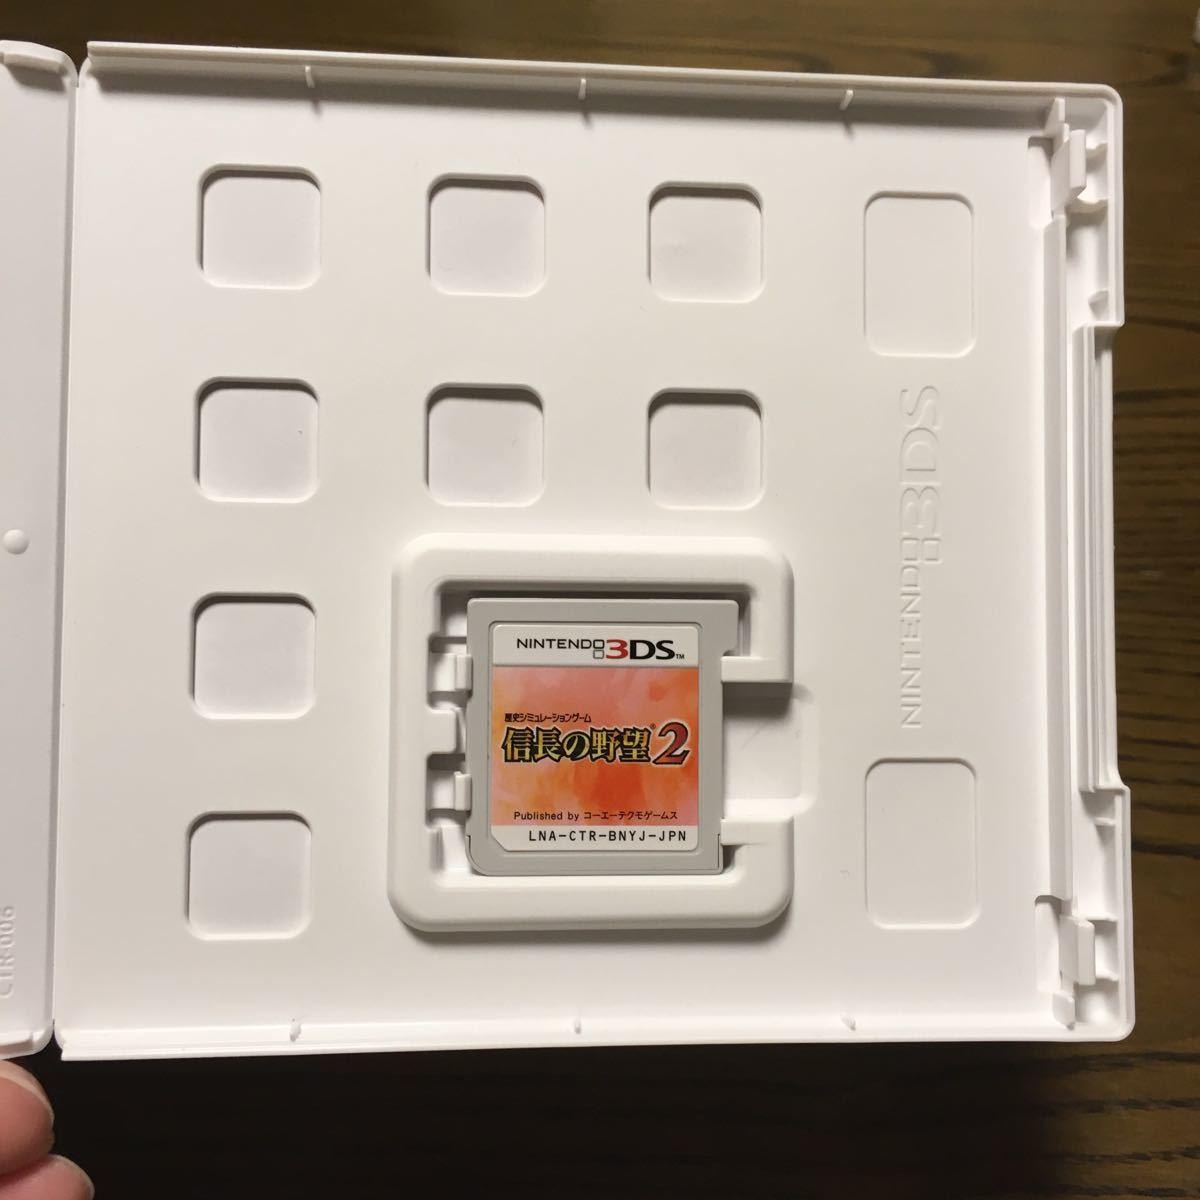 信長の野望 2 任天堂 3DS ソフト koei_画像3